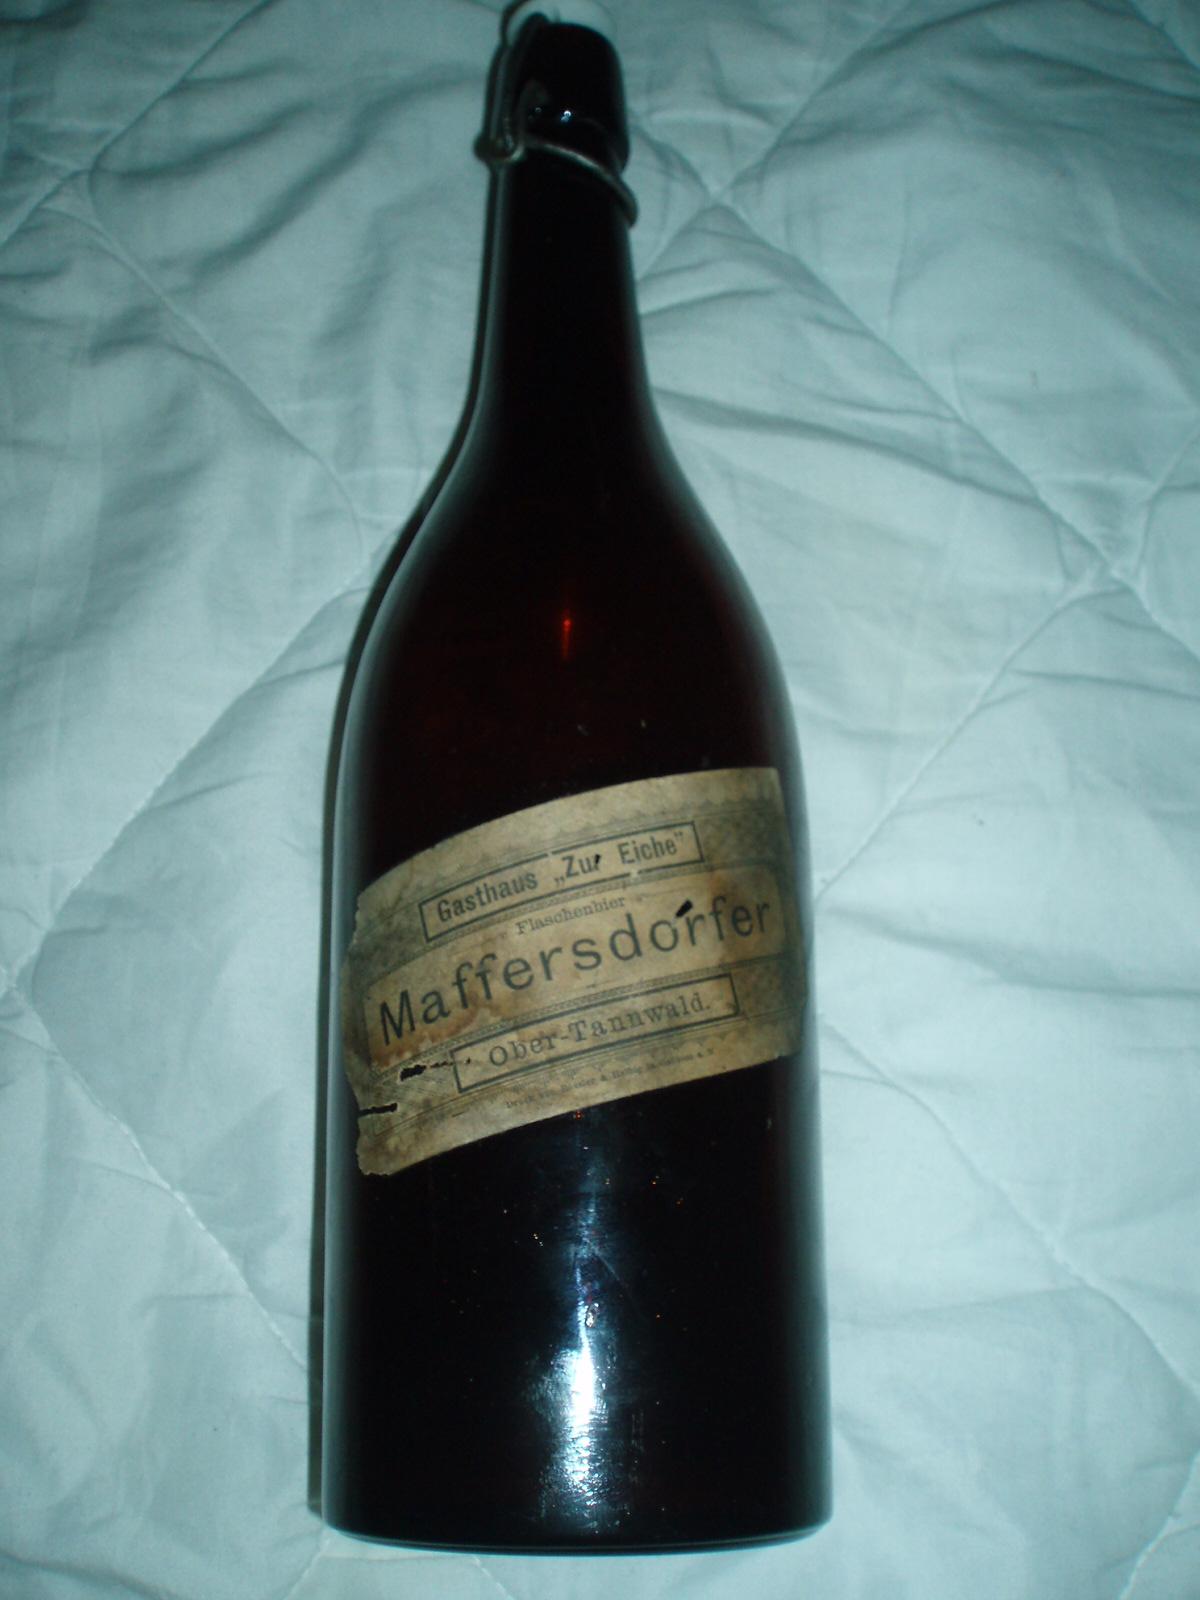 maffersdorfer2